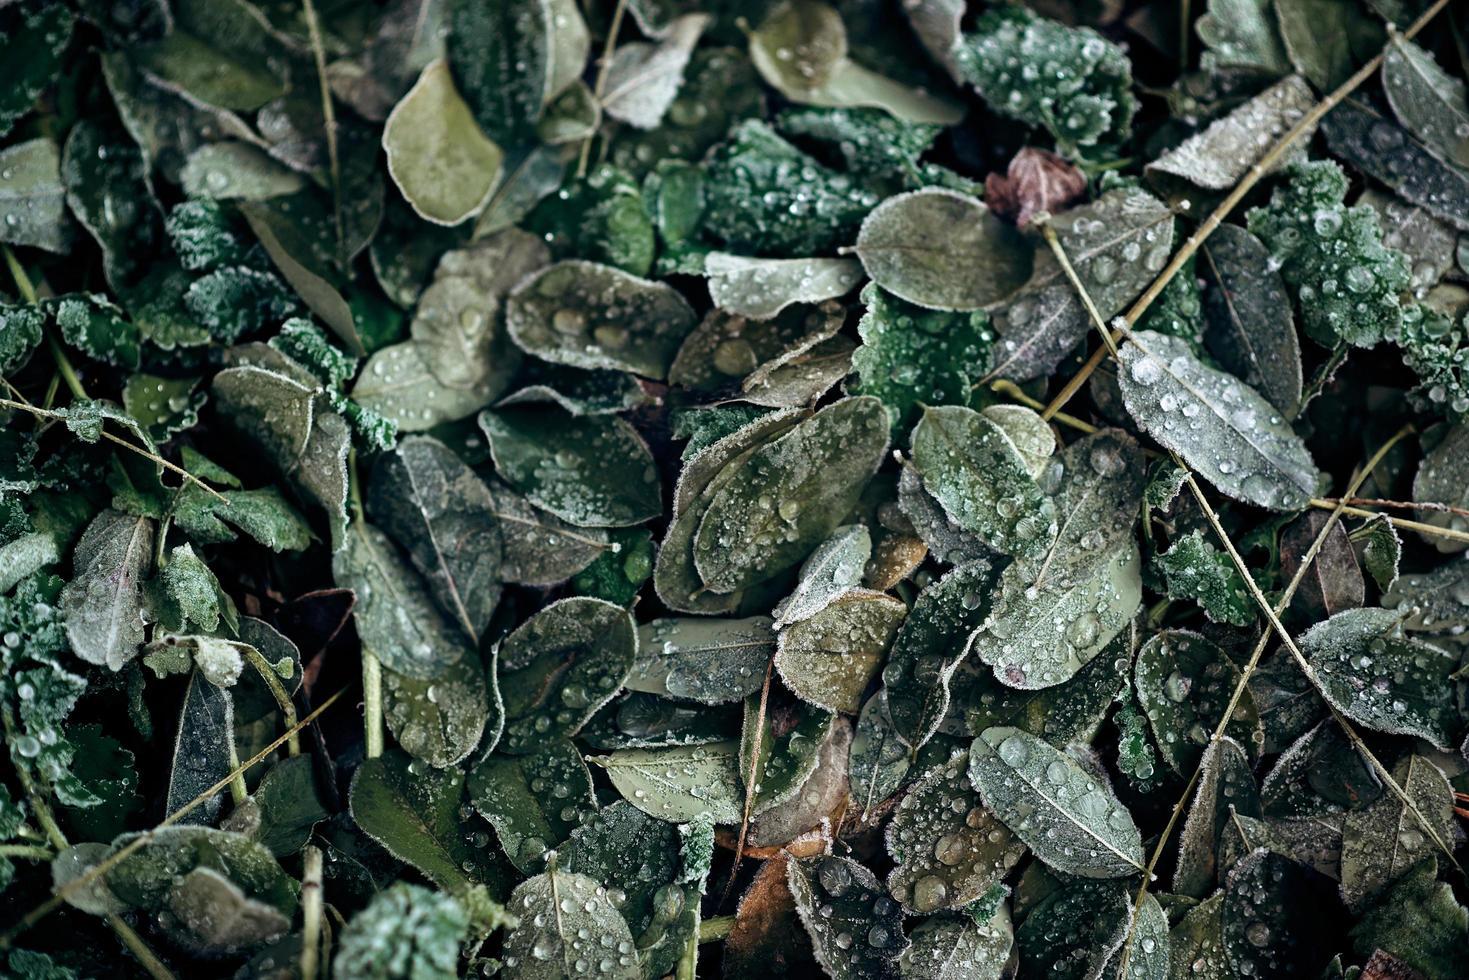 la textura de las hojas de acacia congeladas. fondo natural abstracto. enfoque suave. foto